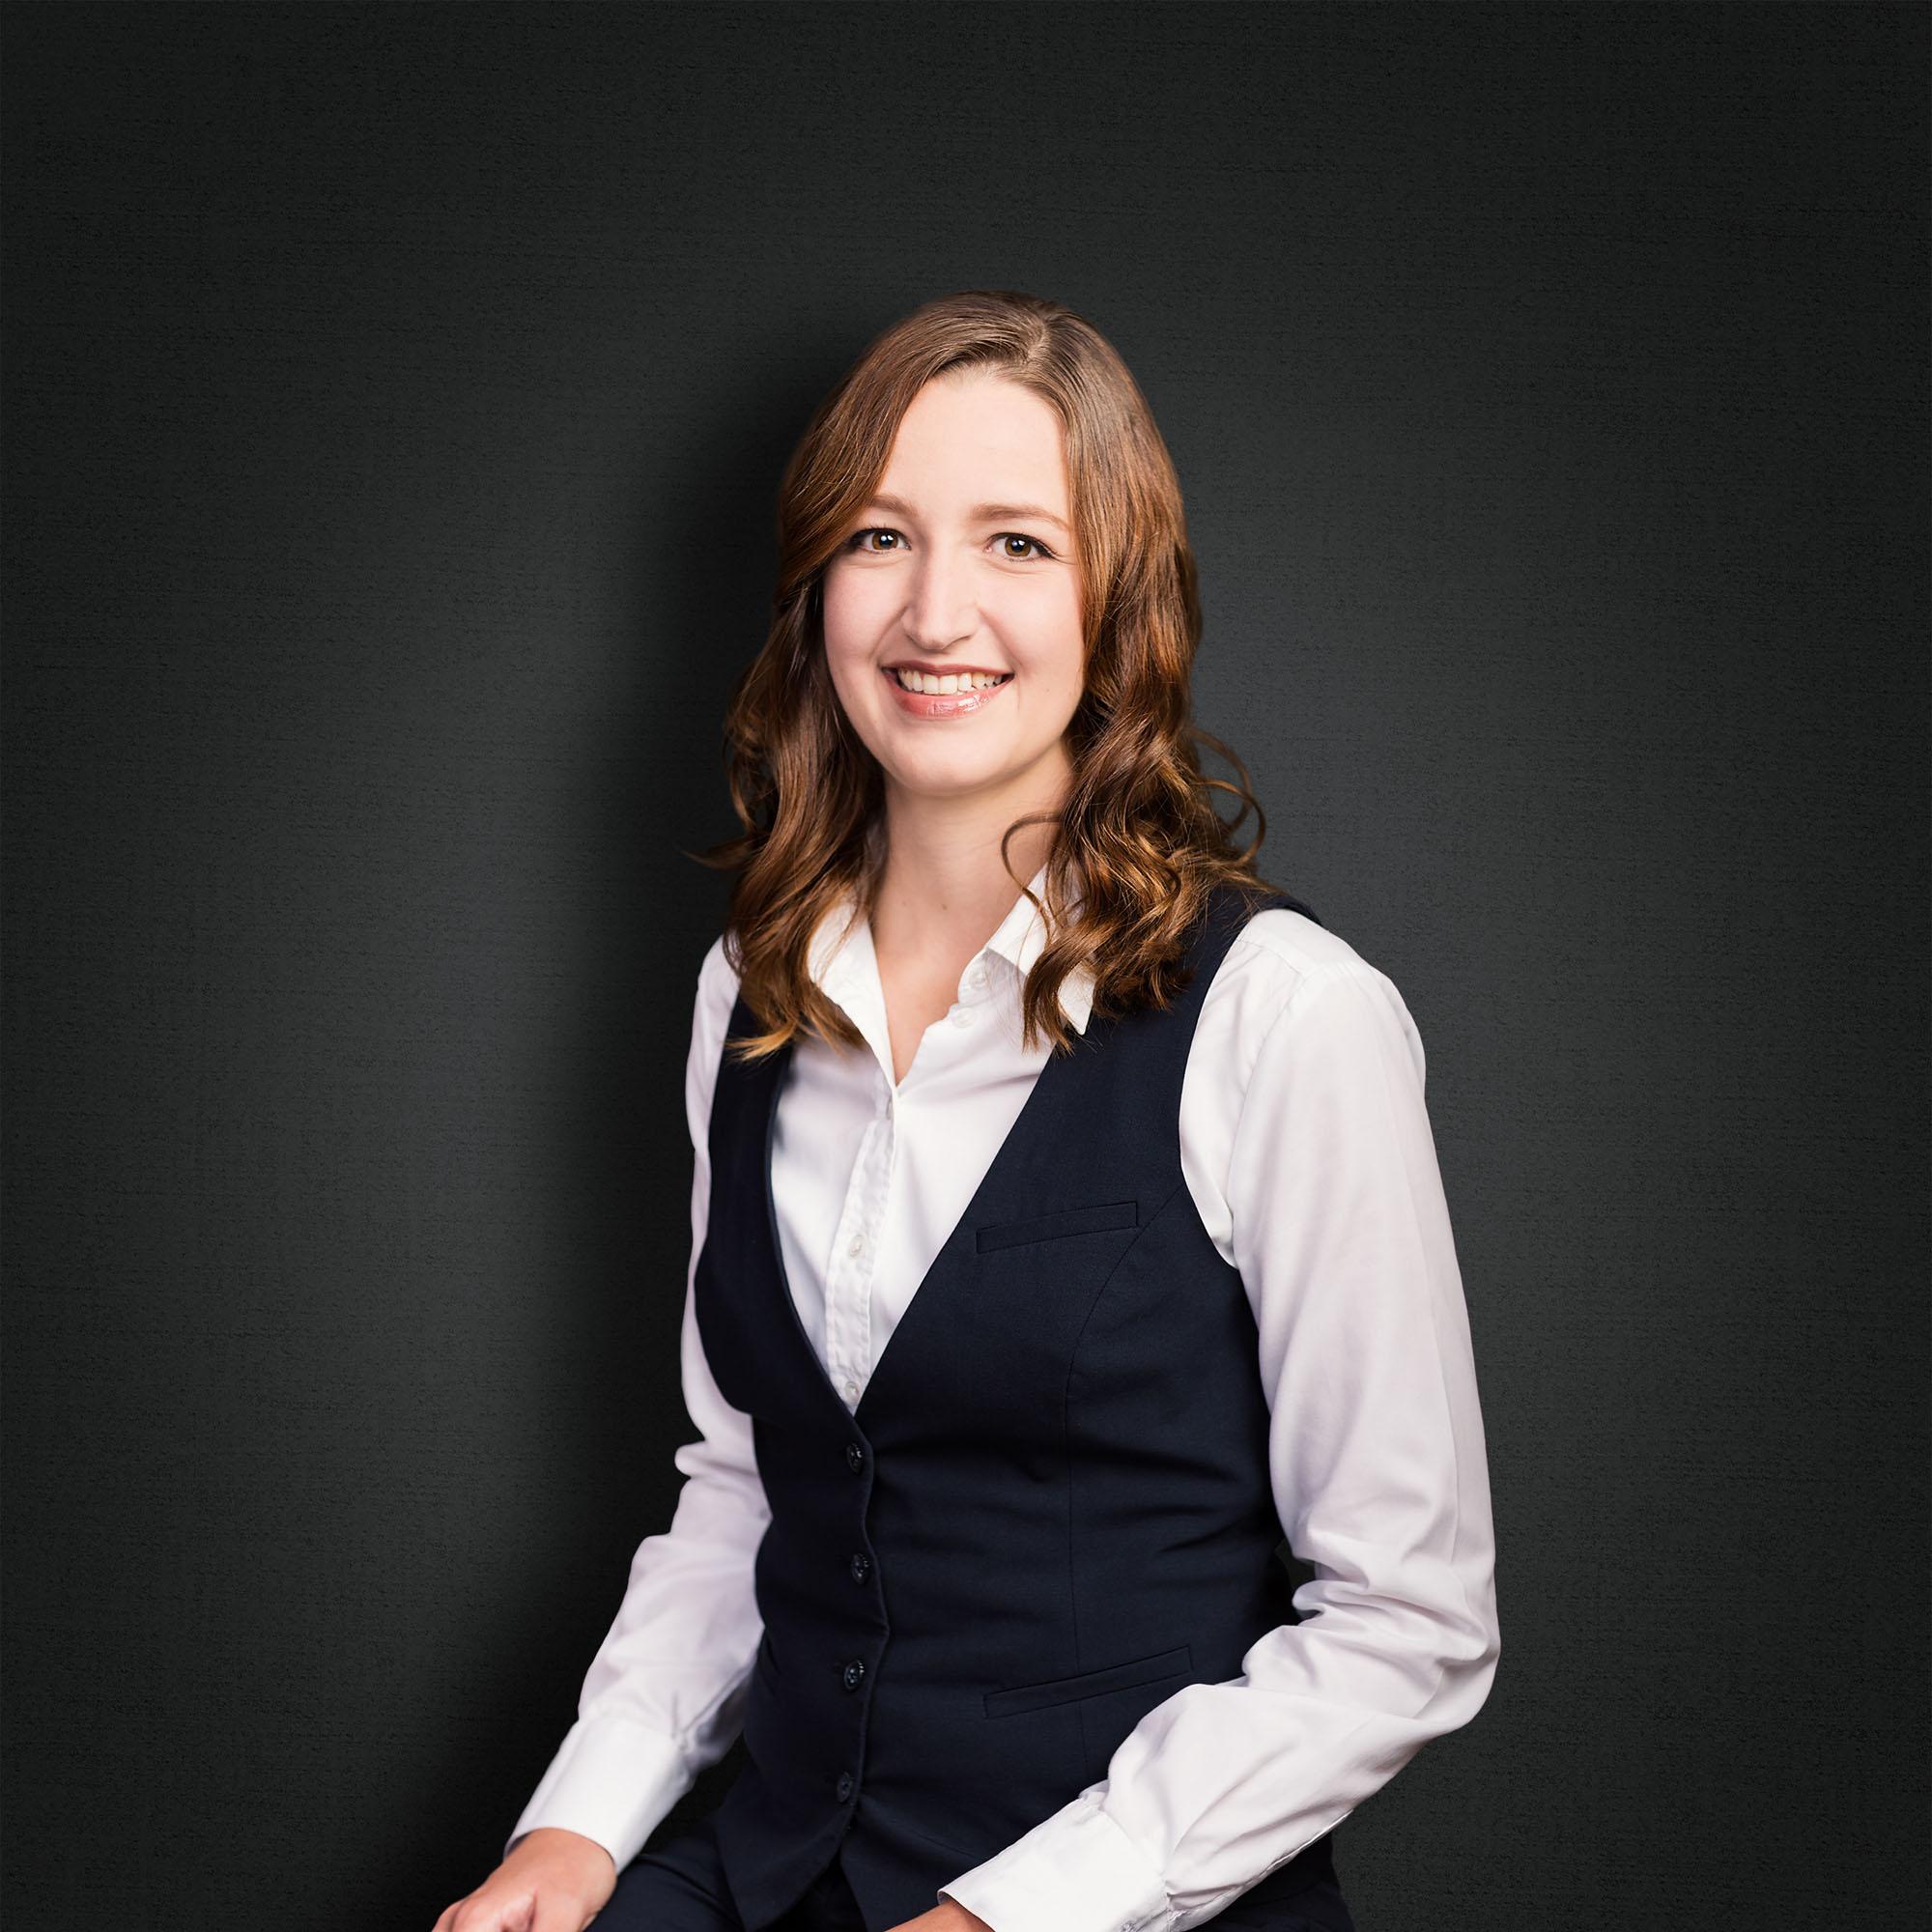 Sandra Klemm